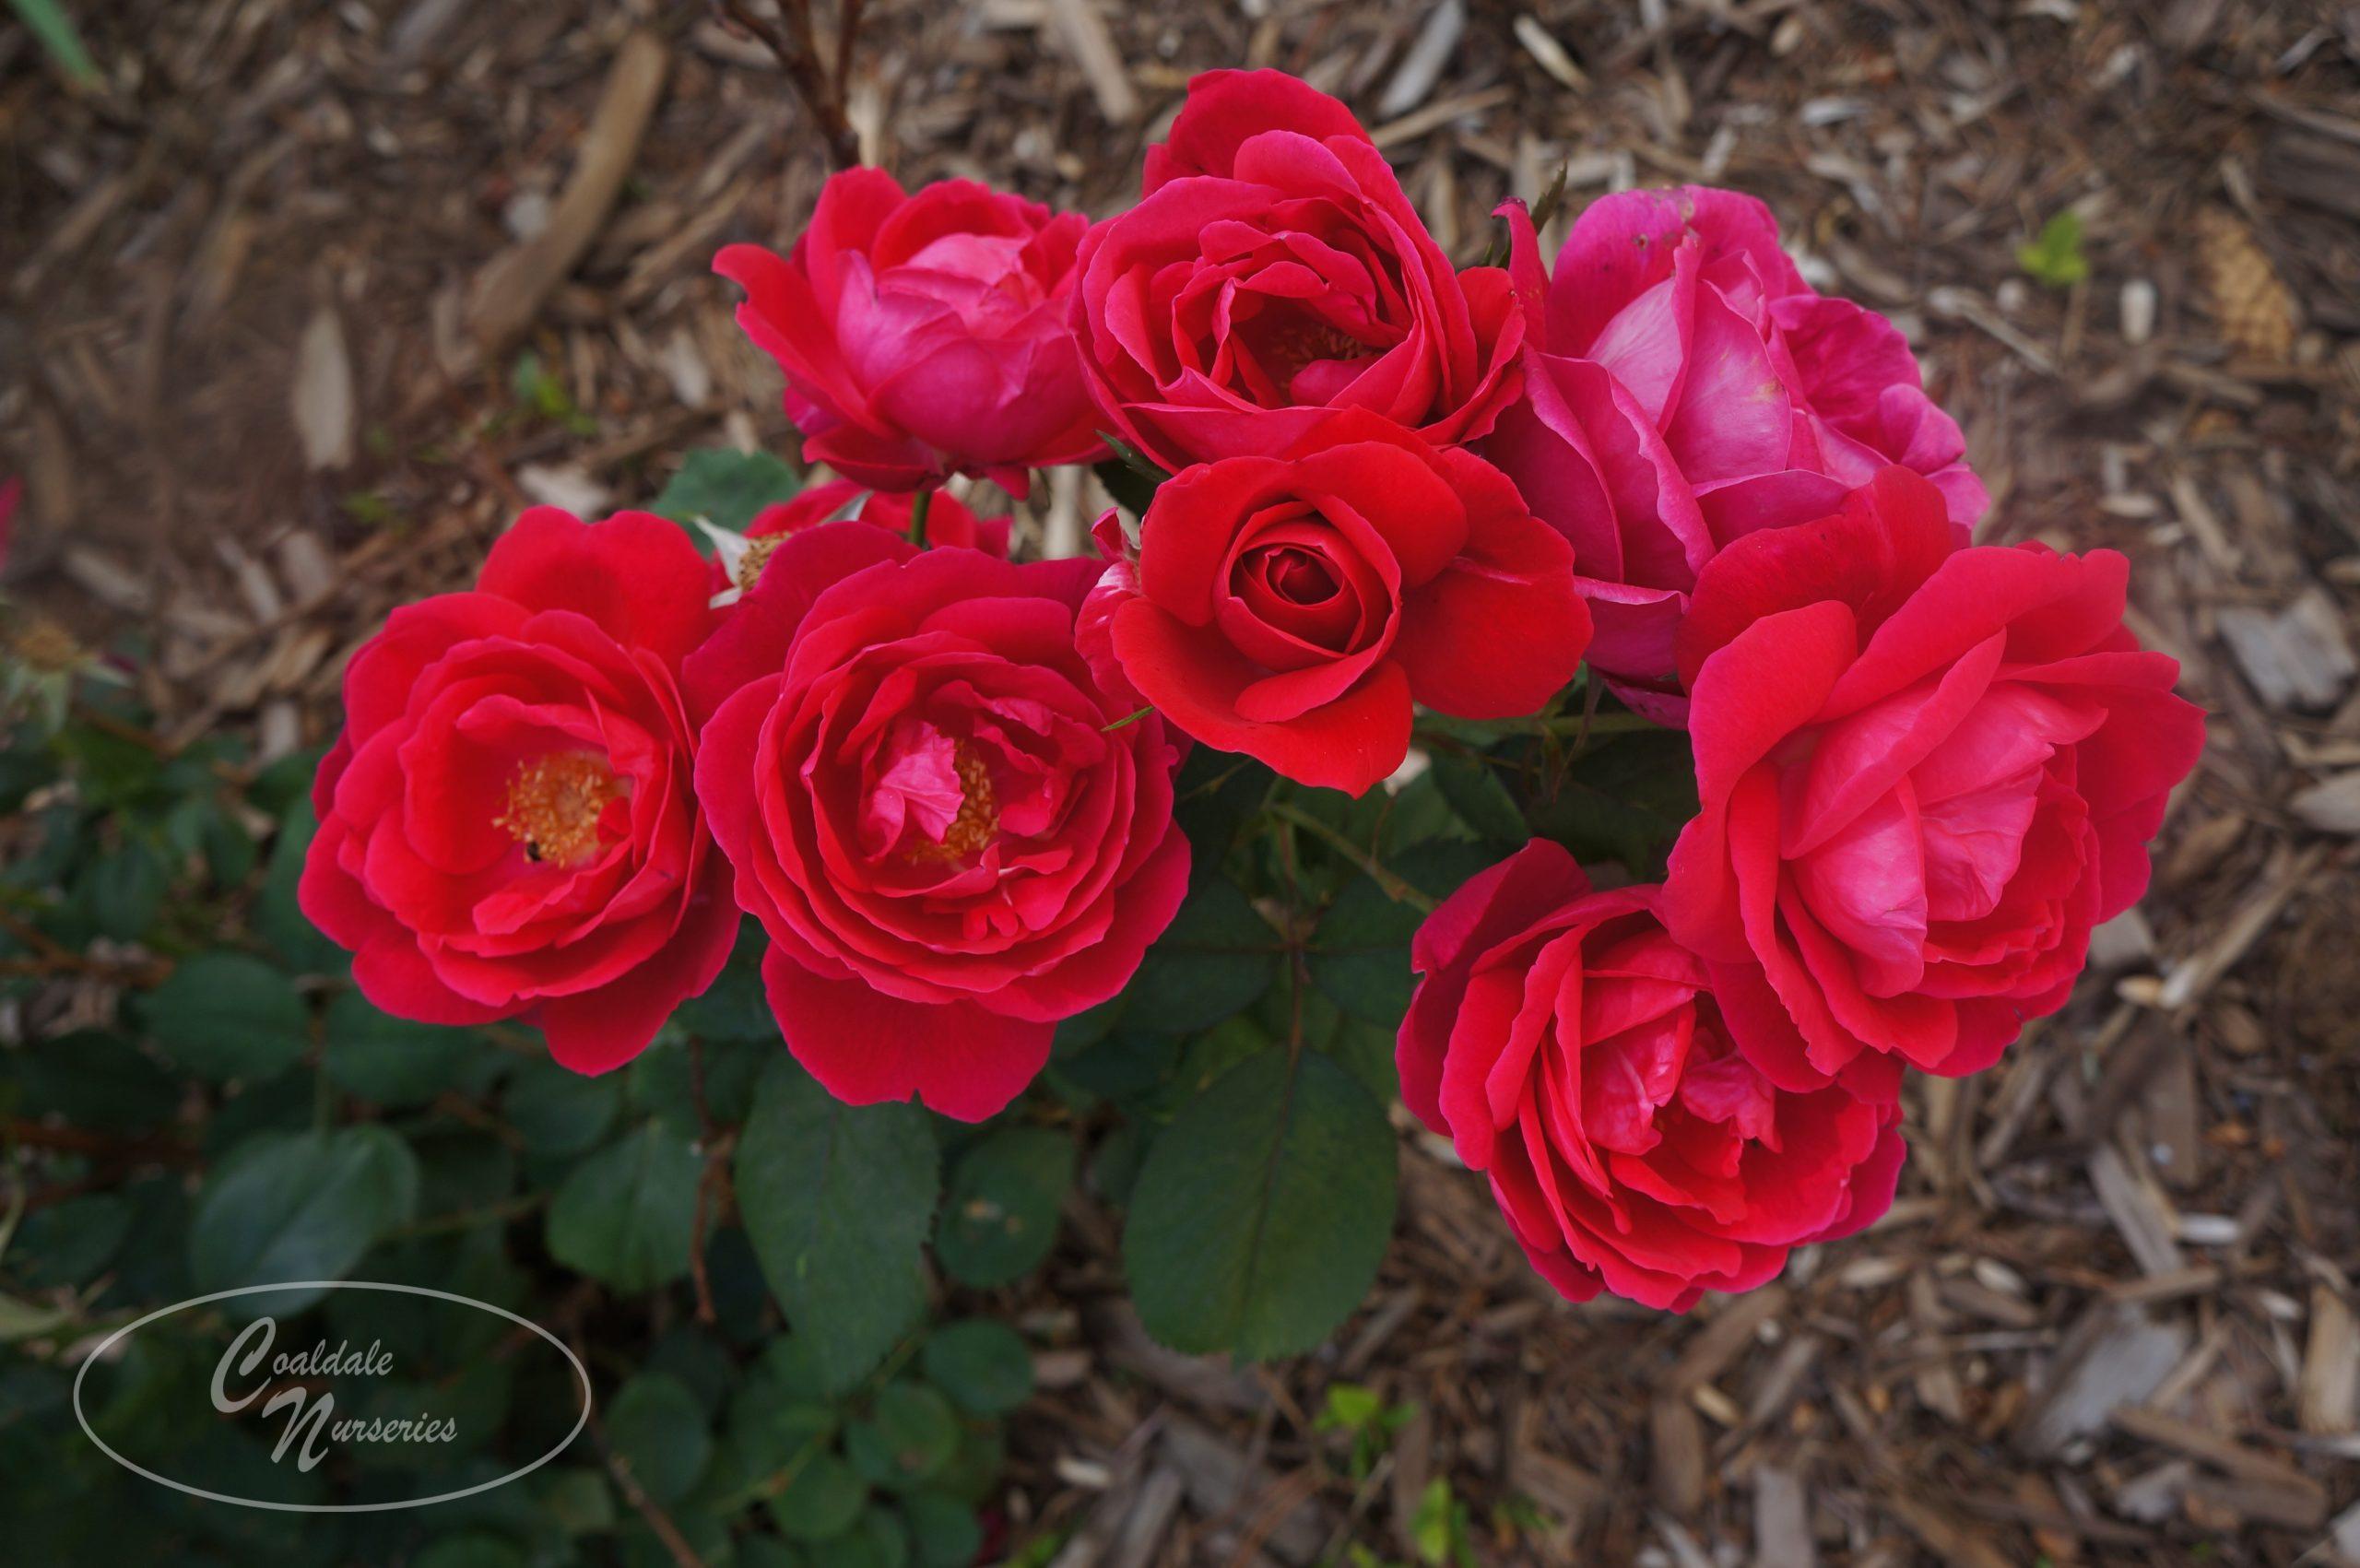 Champlain Rose Image